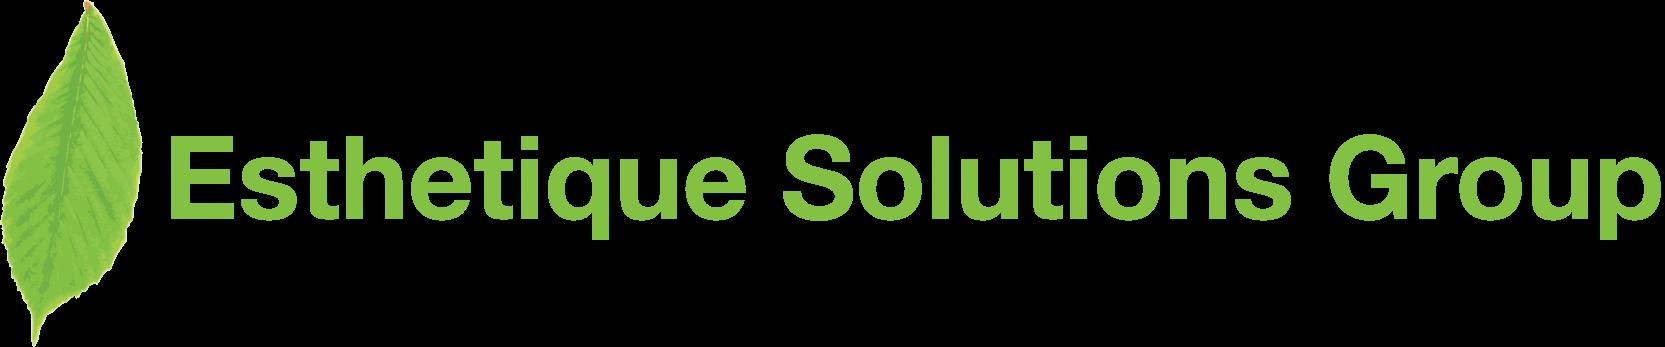 Esthetique Solutions Group